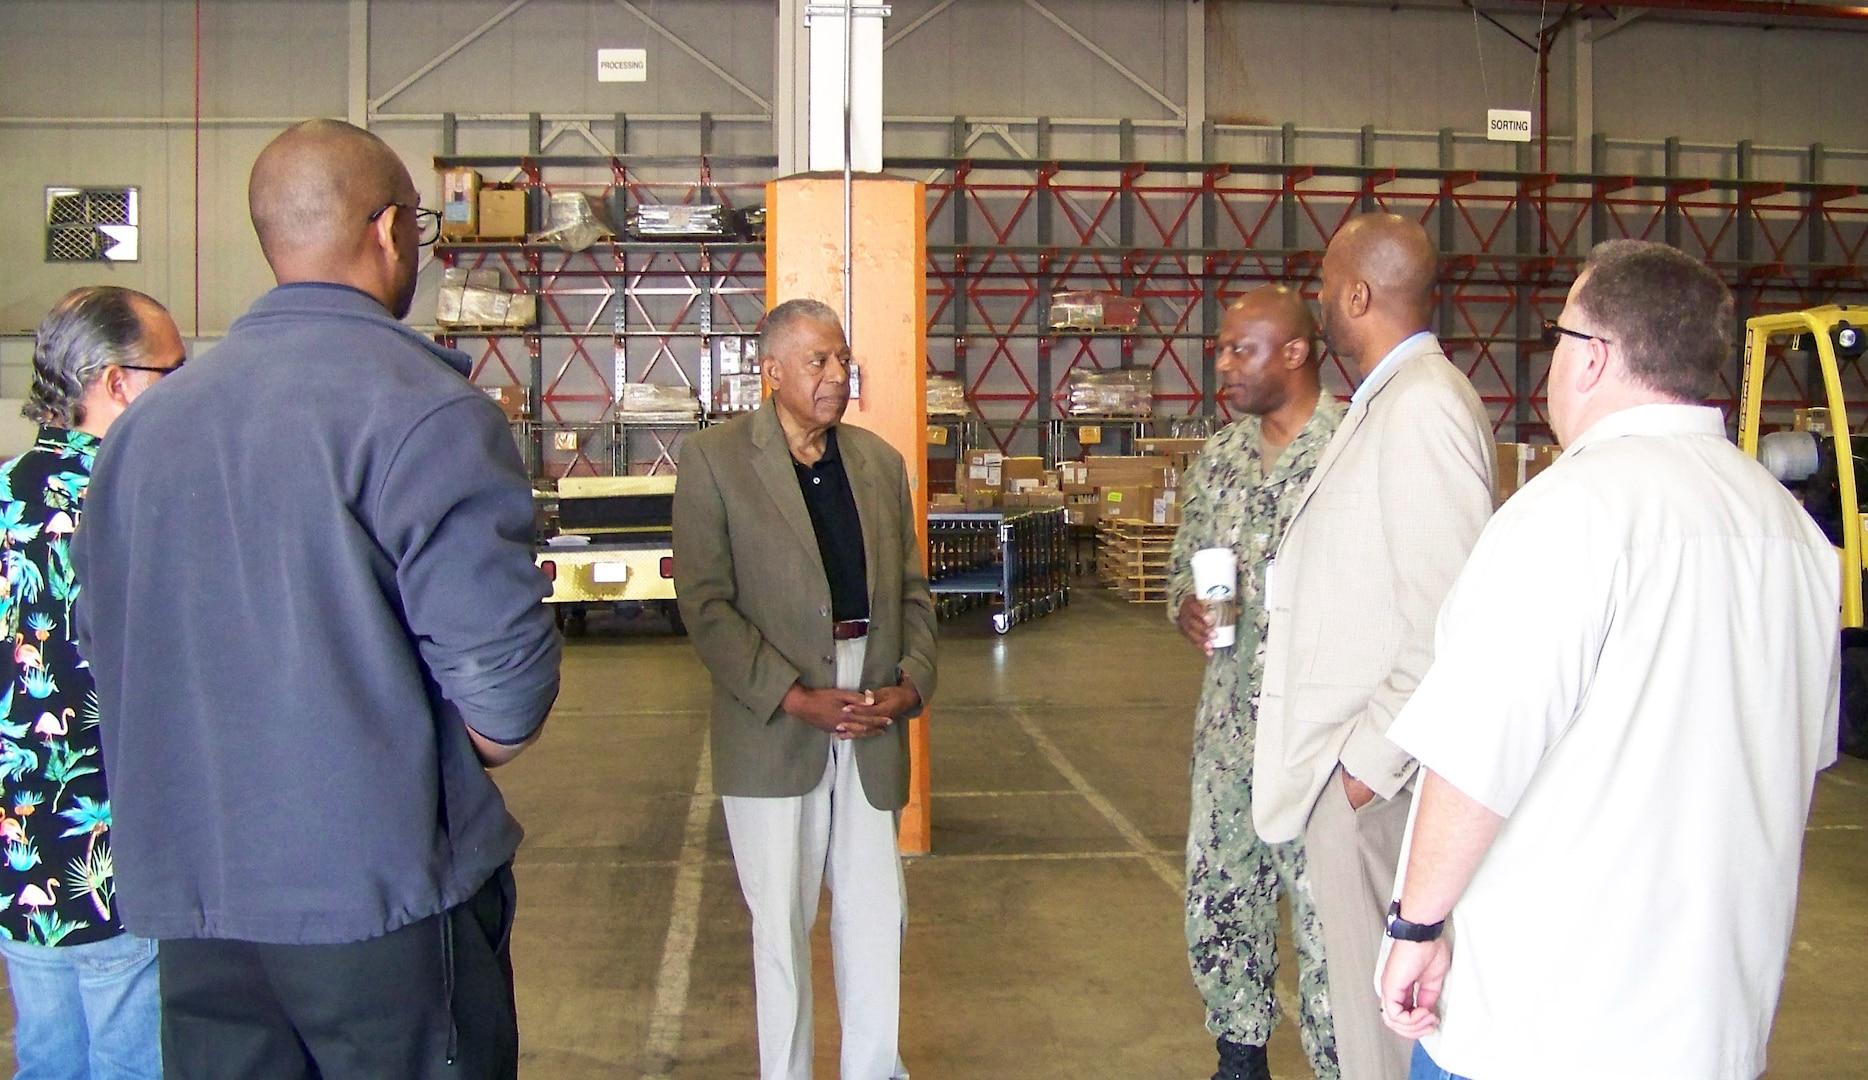 Distribution San Diego hosts retired Navy Vice Admiral Walter Davis